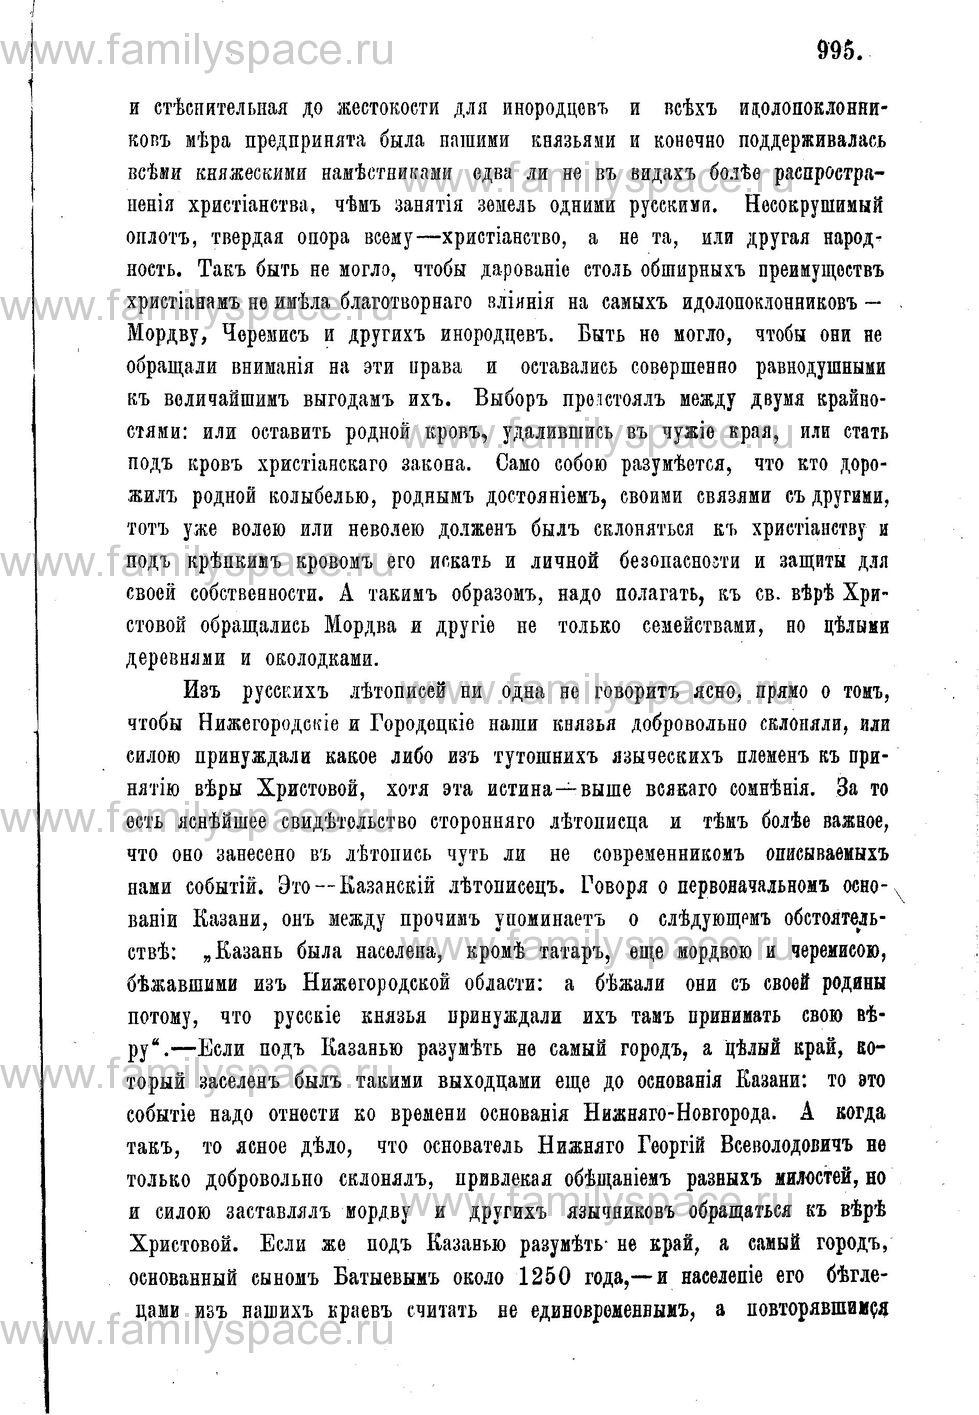 Поиск по фамилии - Адрес-календарь Нижегородской епархии на 1888 год, страница 1995